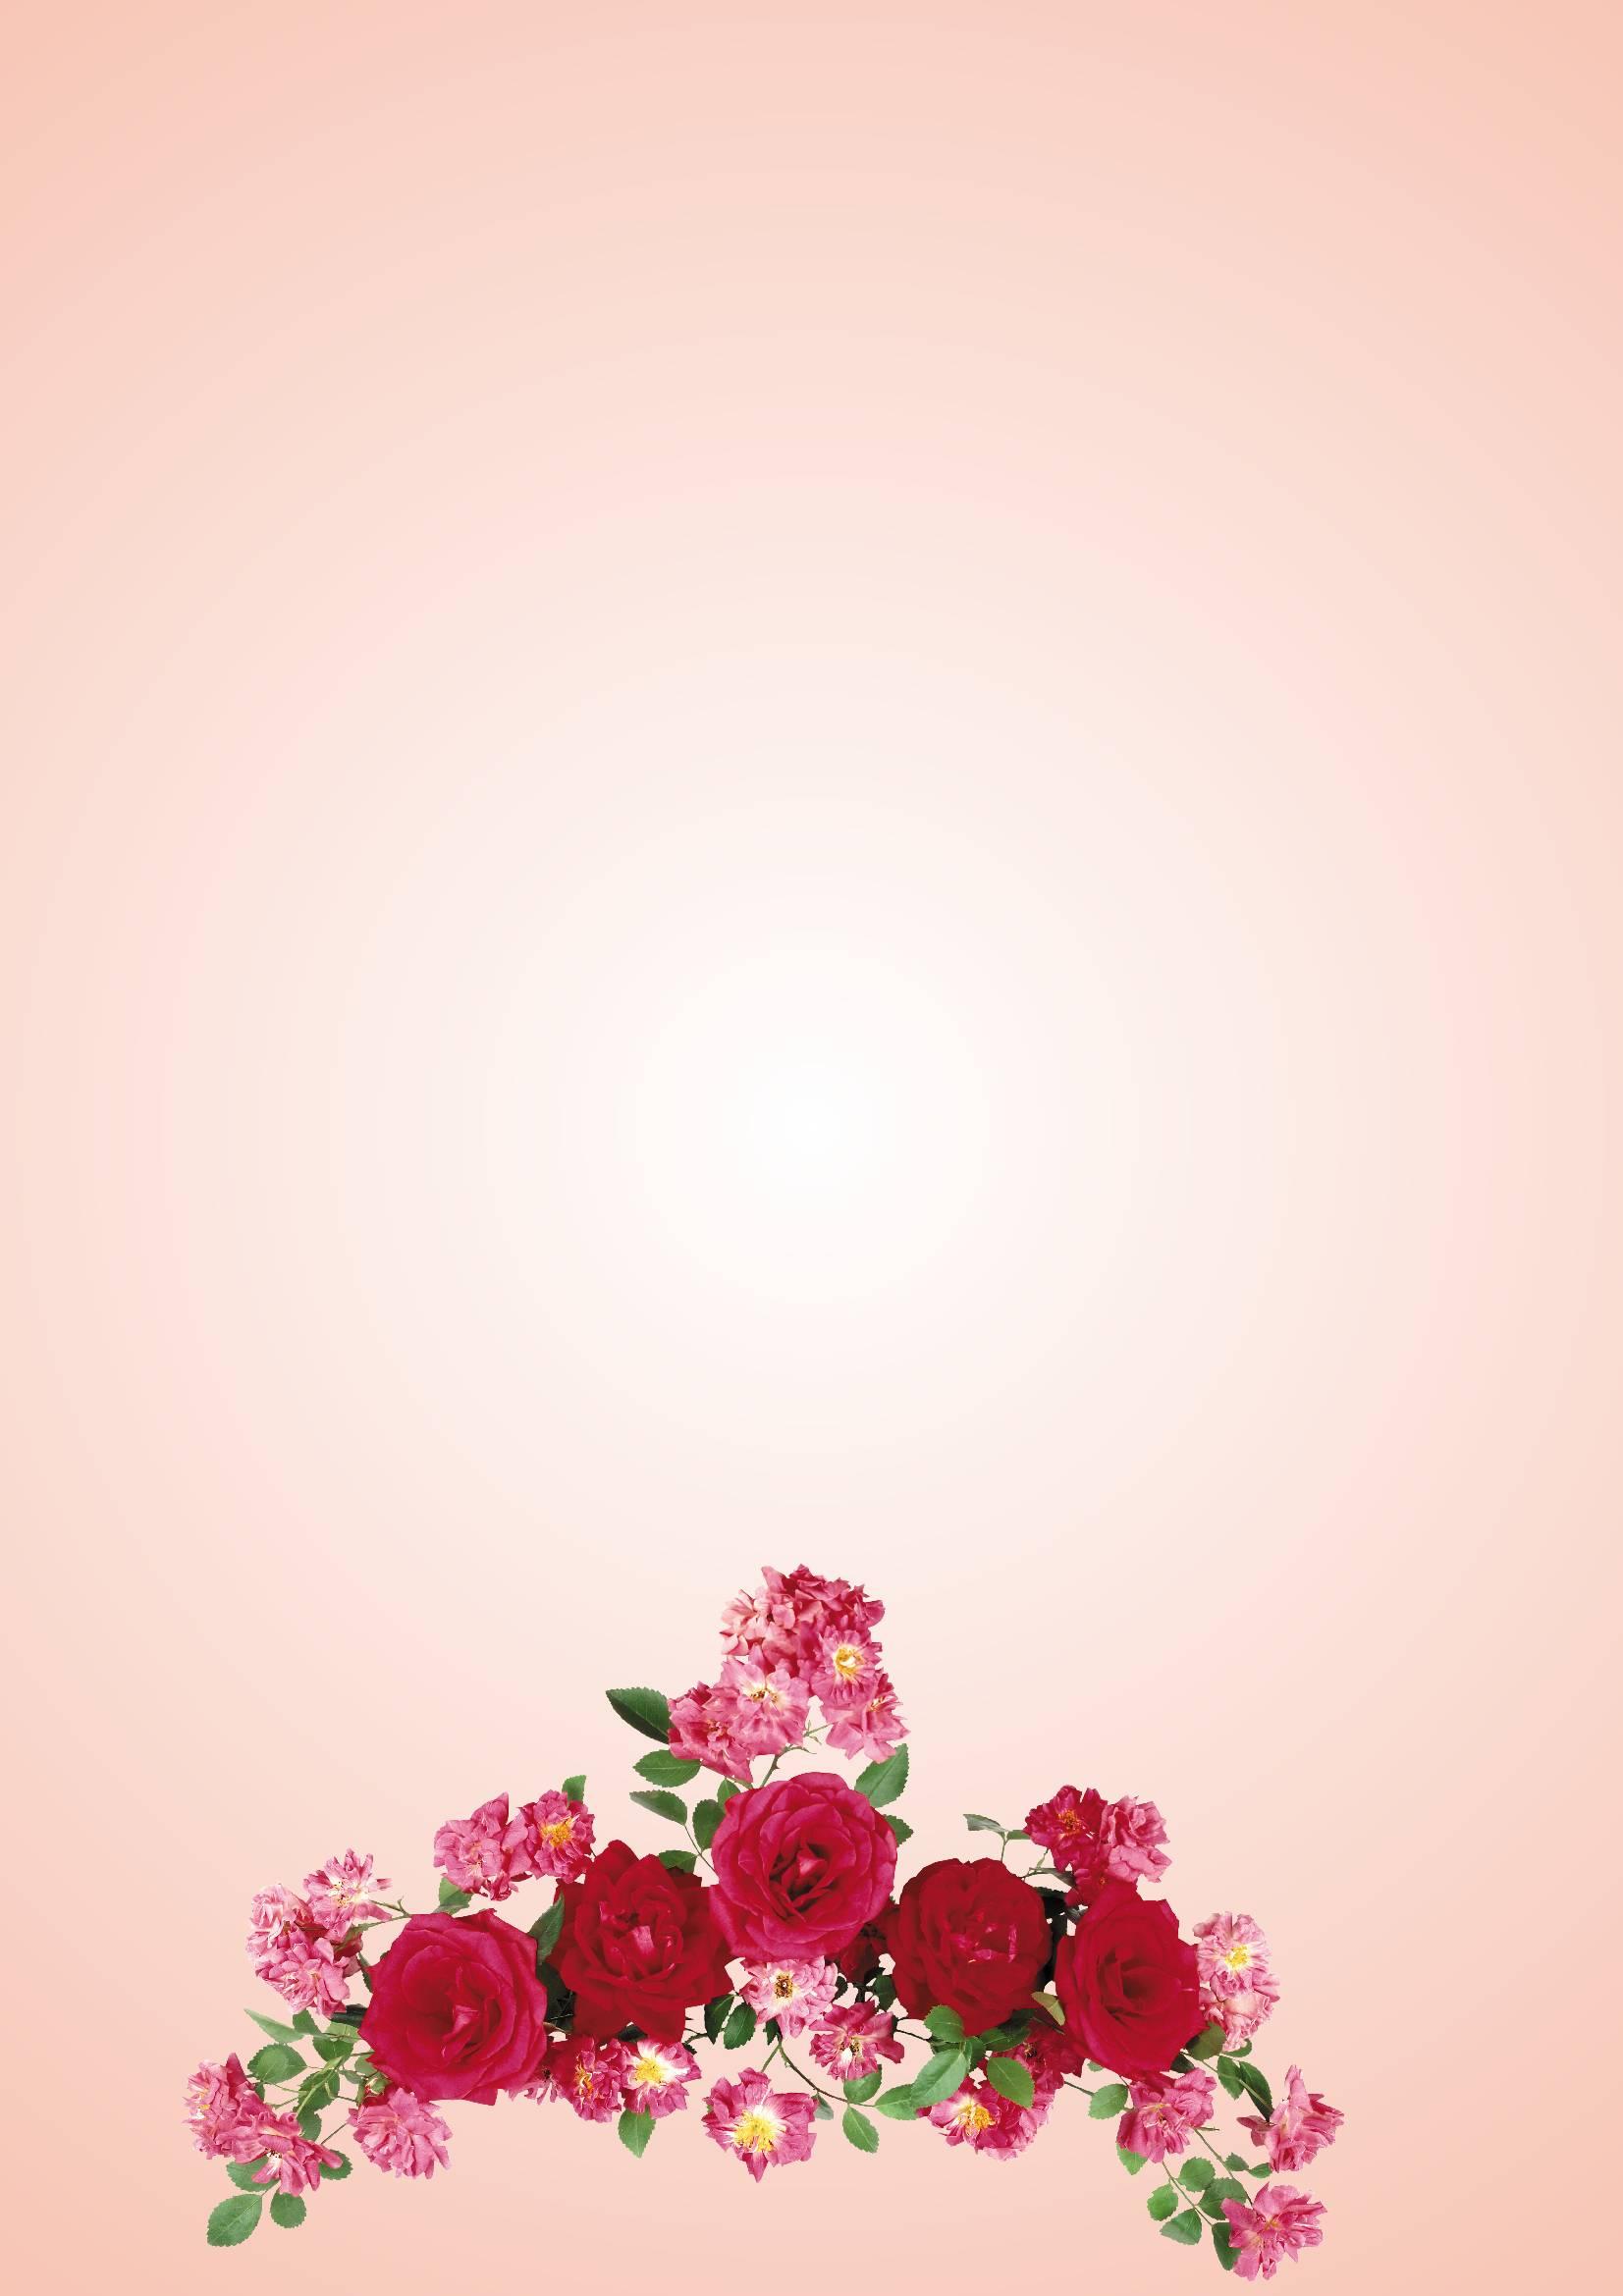 Открытки с цветами без надписей для открыток